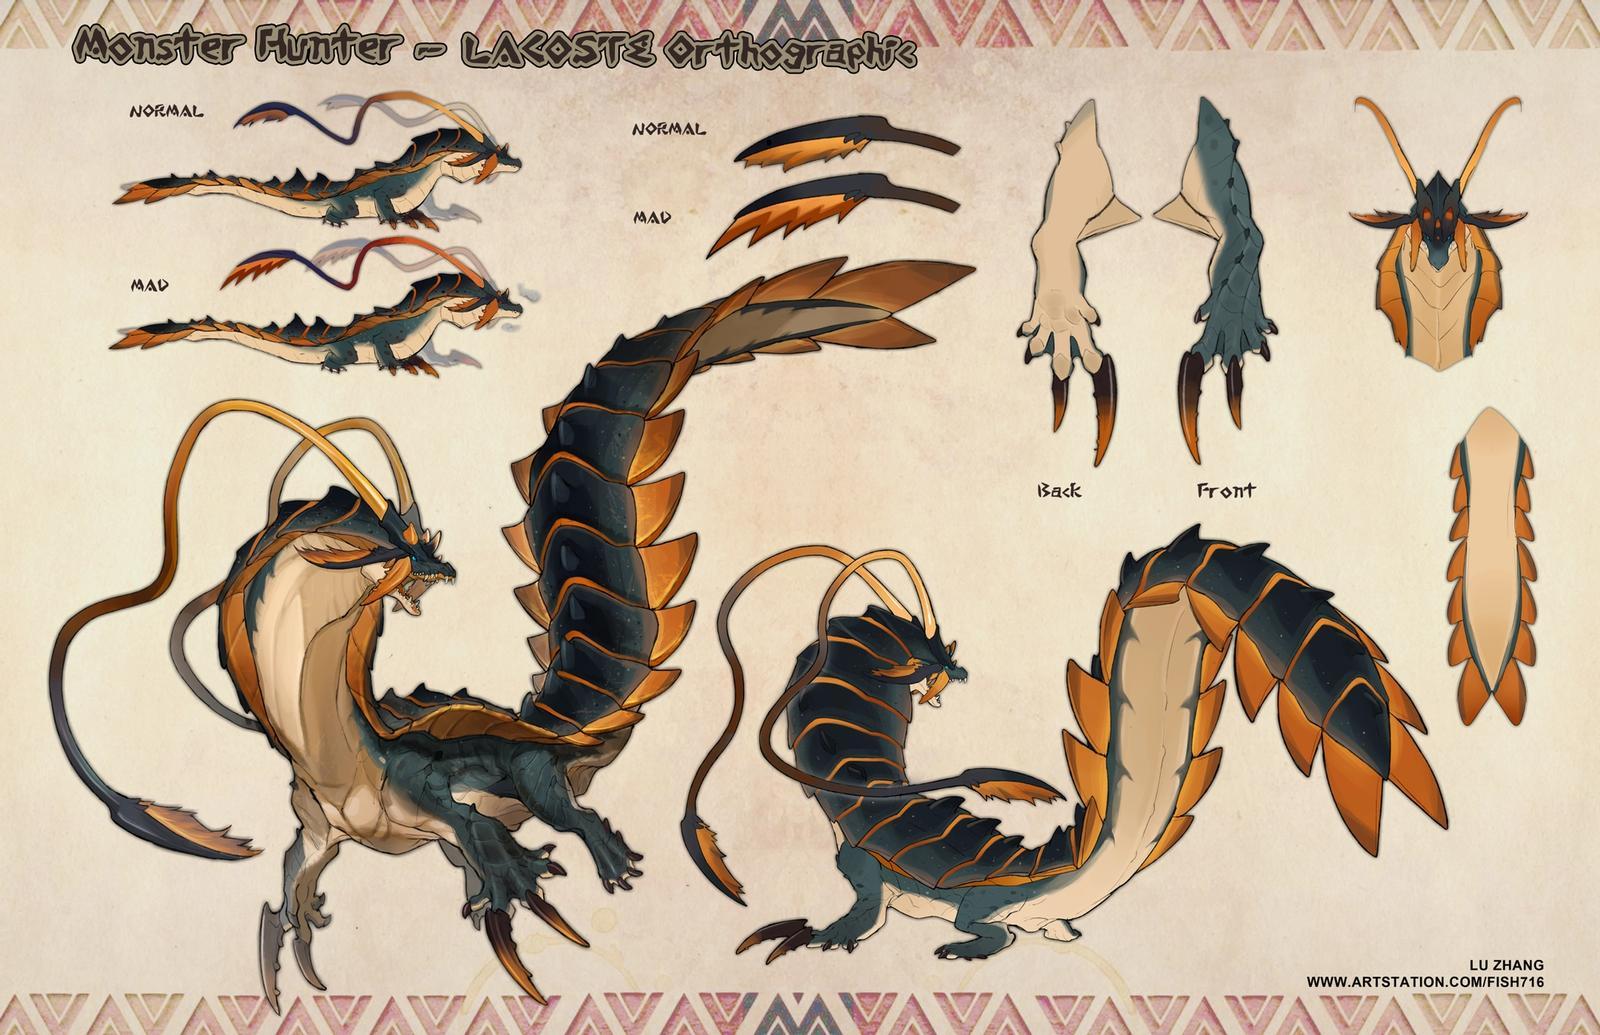 Monster Hunter Design - Lacoste